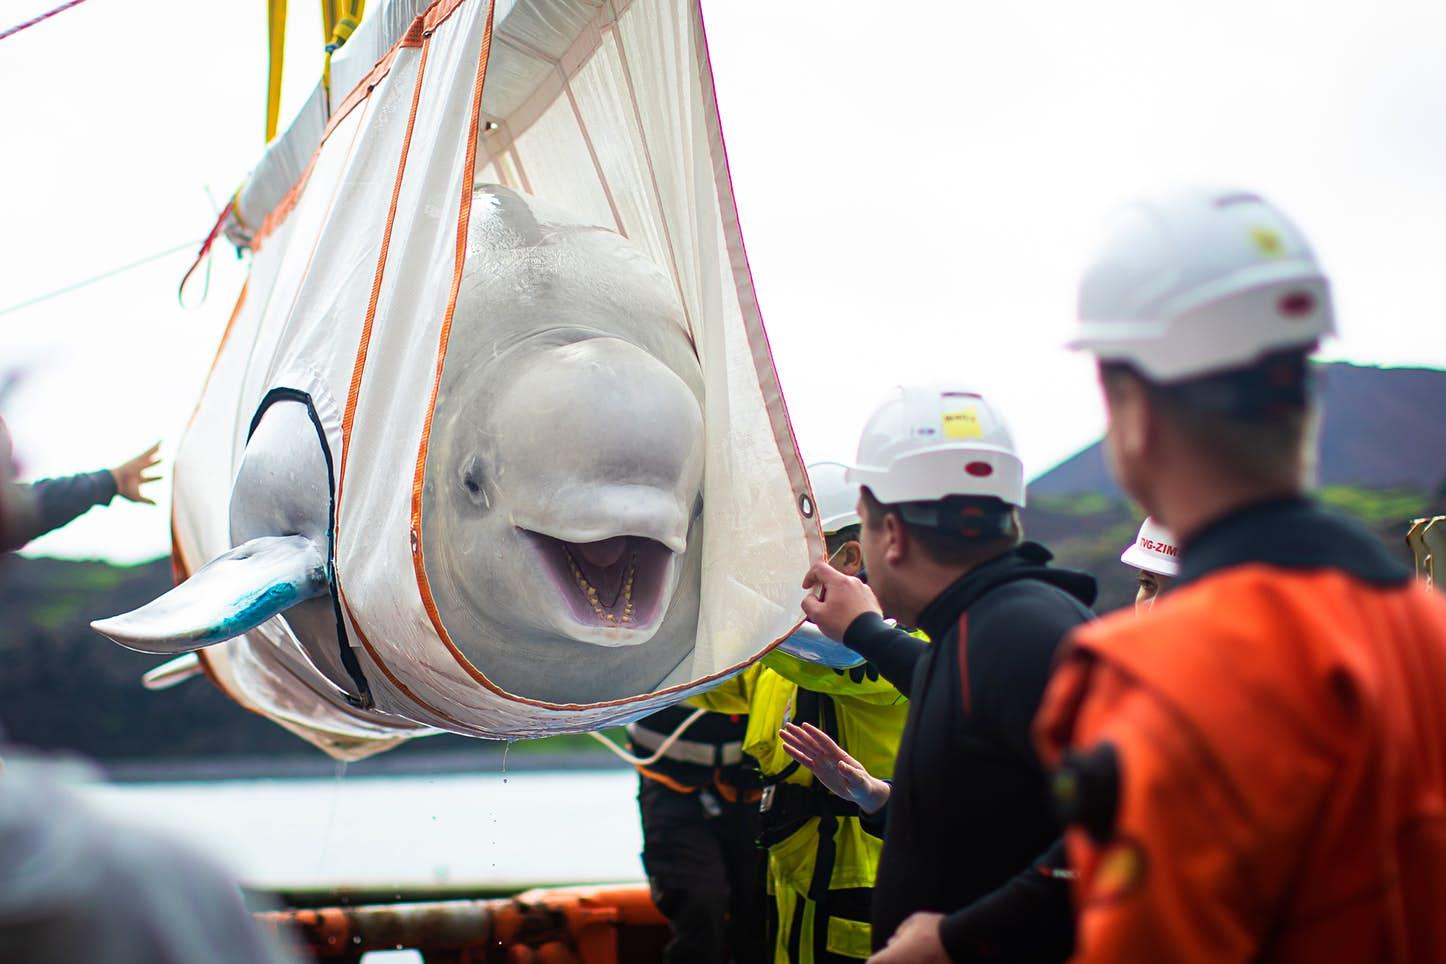 Белух из китайского аквариума выпустили в исландский морской заповедник